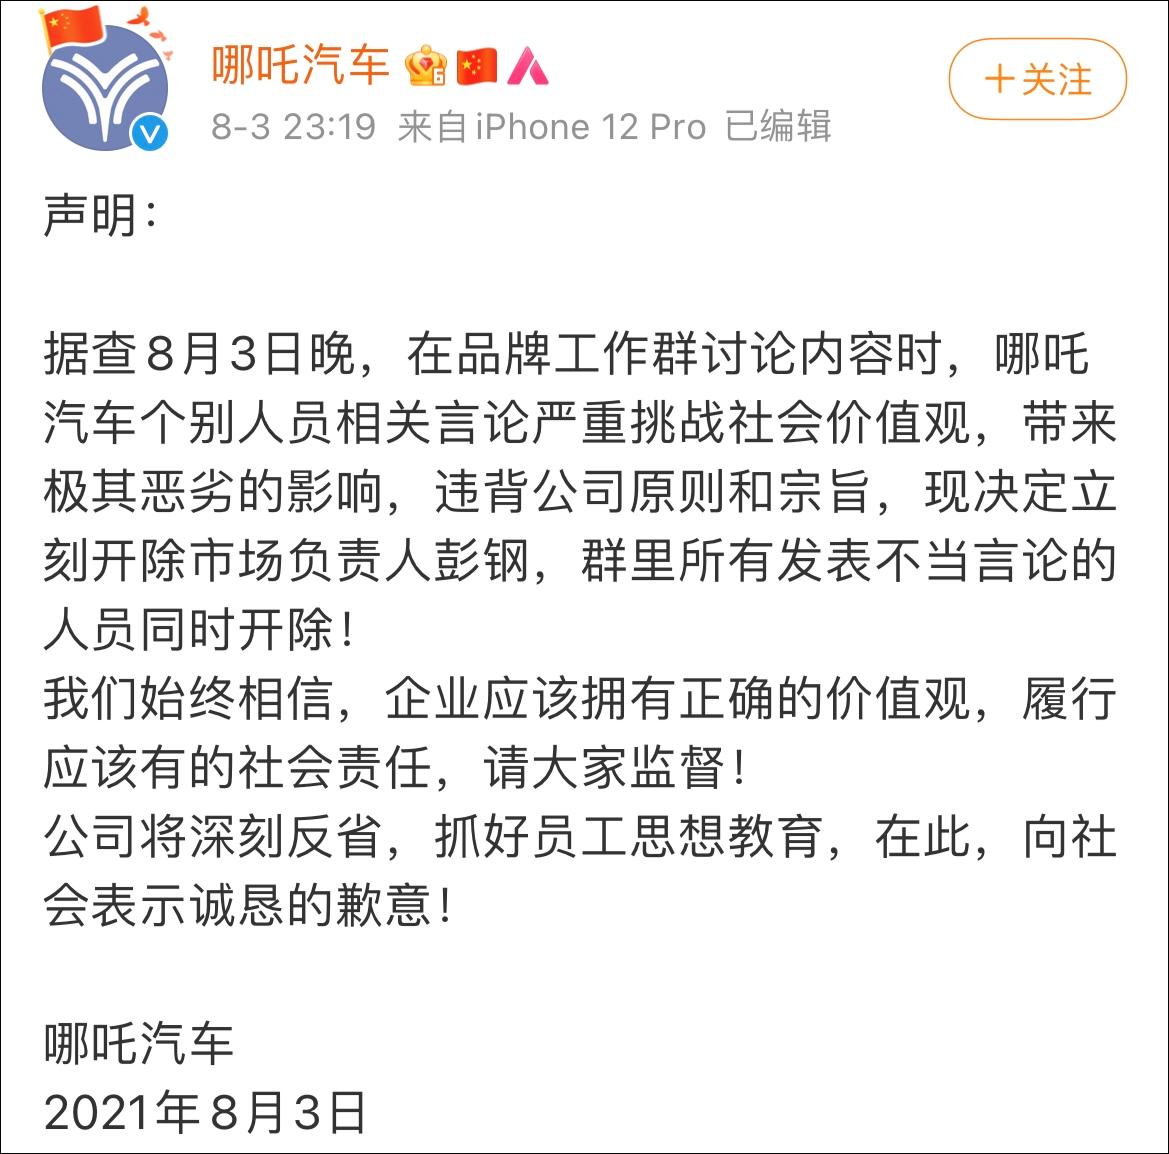 公司高管提议请吴亦凡代言被开除 网友:完全在跟着剧本实施计划